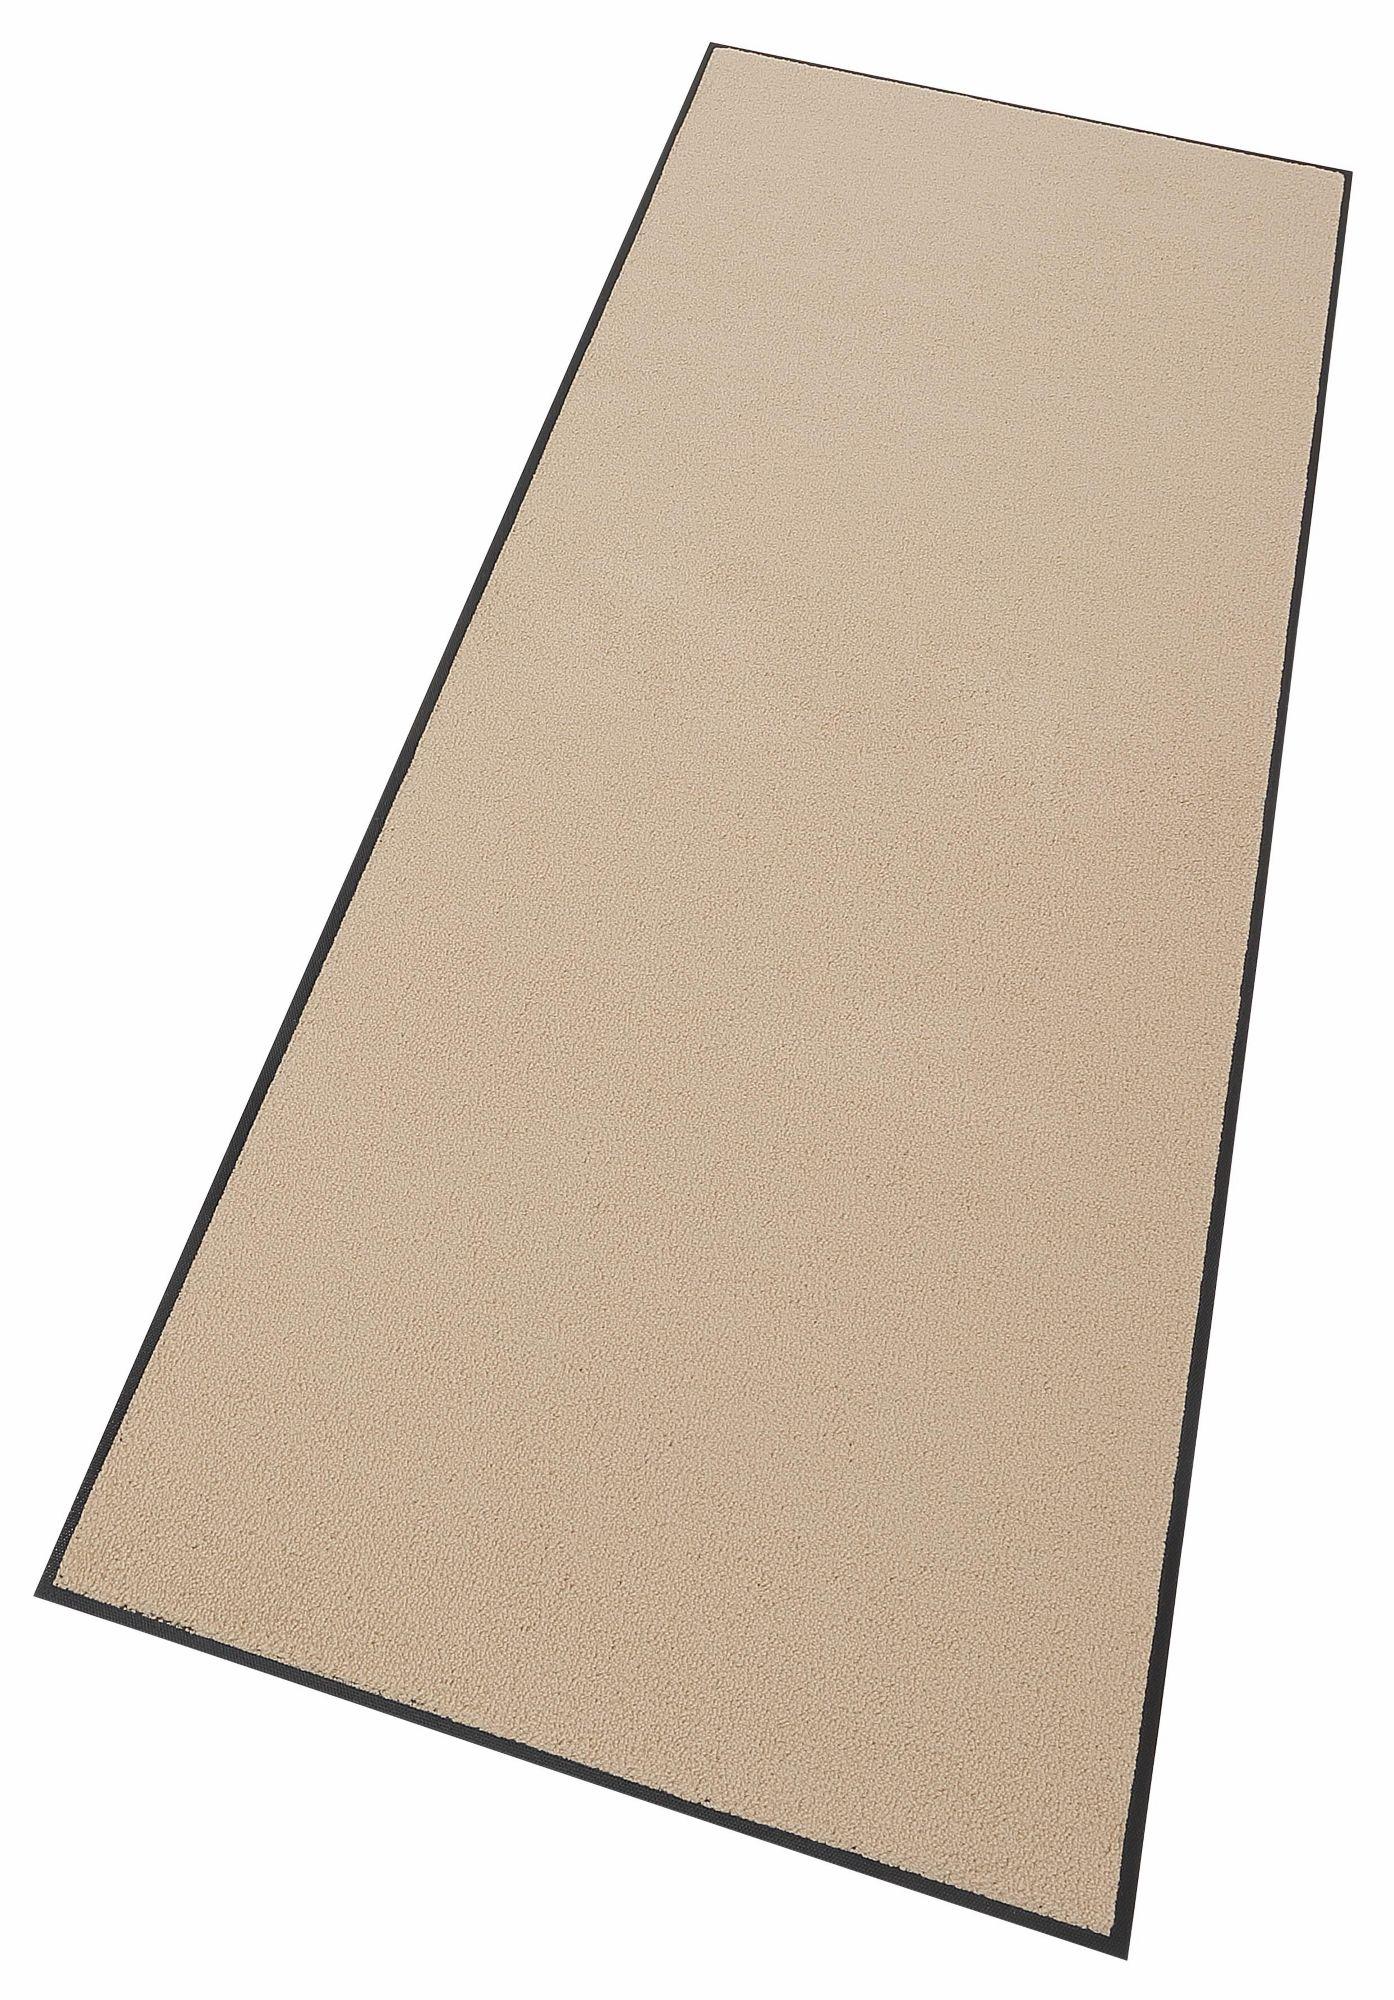 Läufer, »Original Uni«, wash+dry by Kleen-Tex, rechteckig, Höhe 9 mm, gedruckt